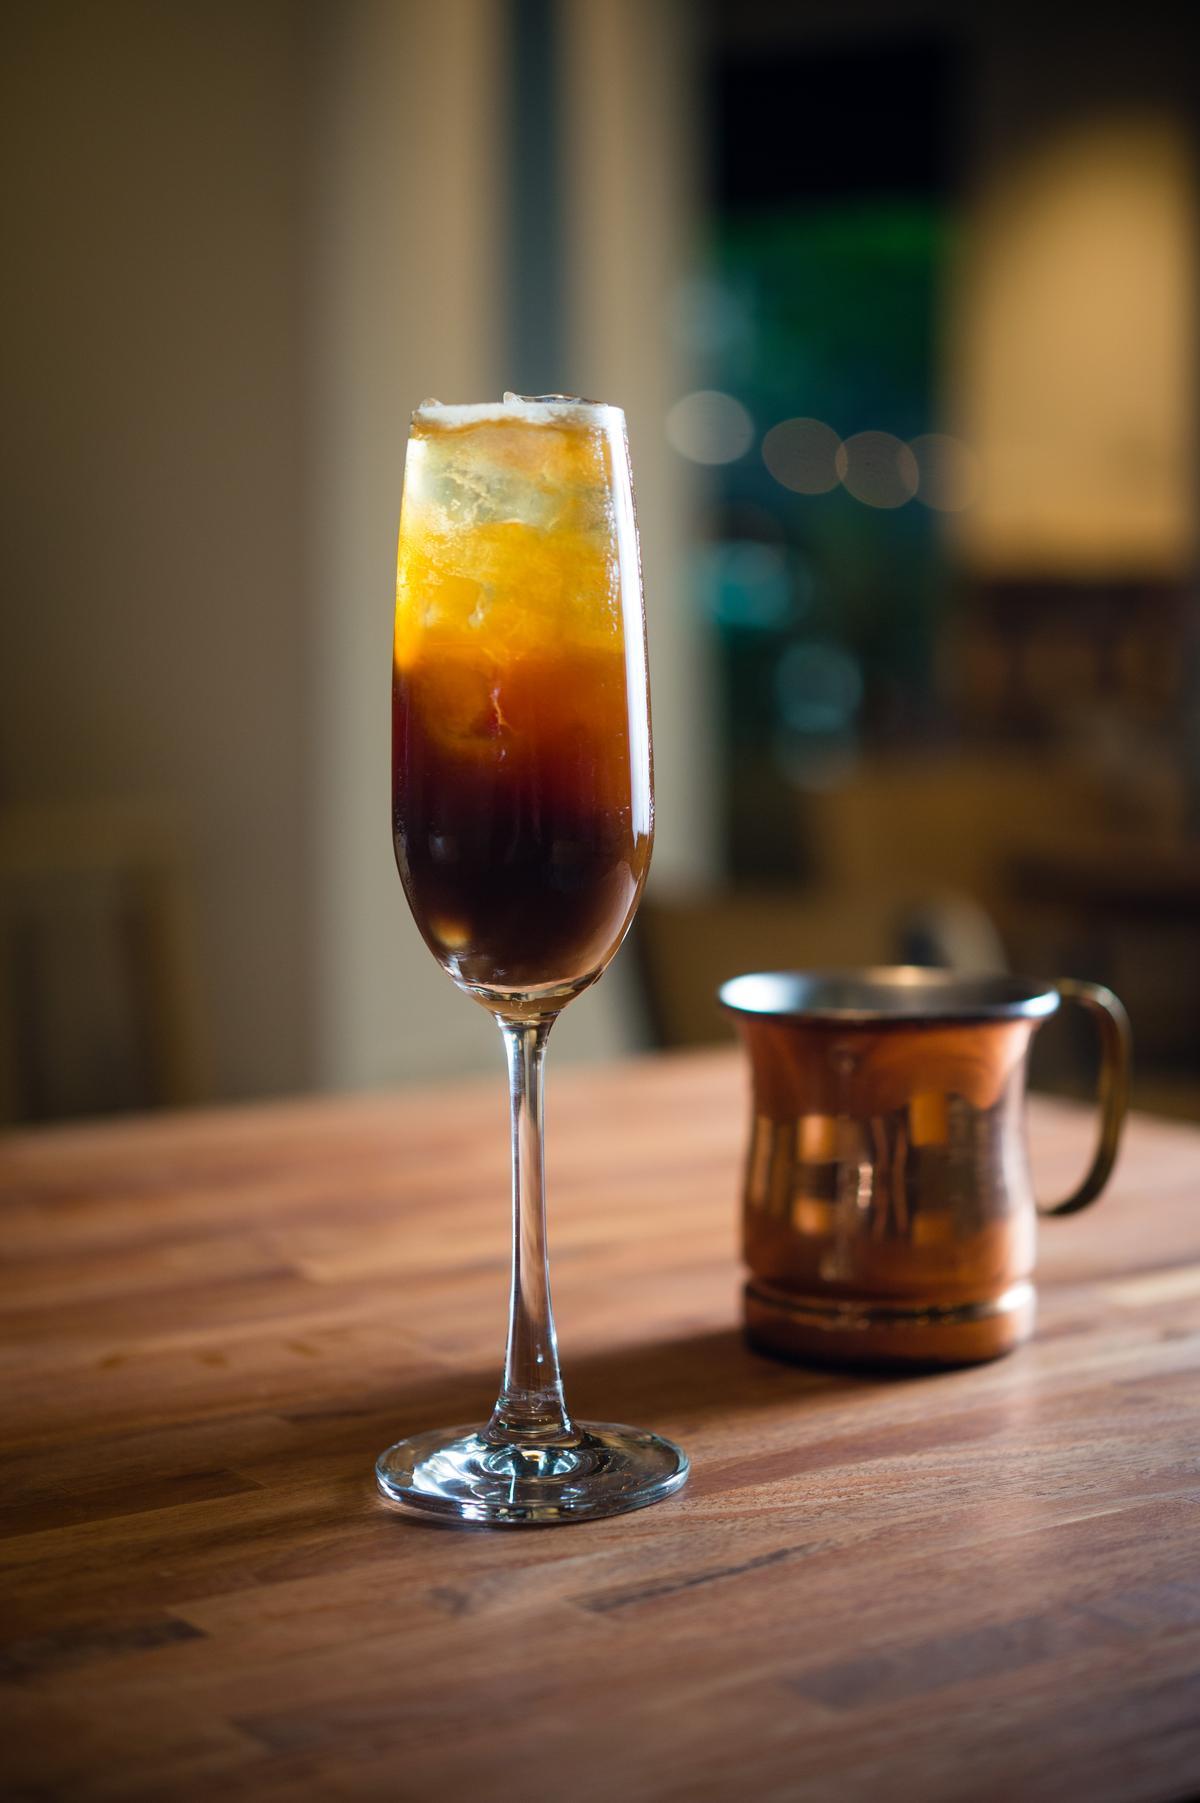 南投百勝村的日曬豆有濃烈的熱帶水果味,配上玻利維亞的咖啡果乾萃取液及氣泡水,清涼如果汁。(尚未開賣)